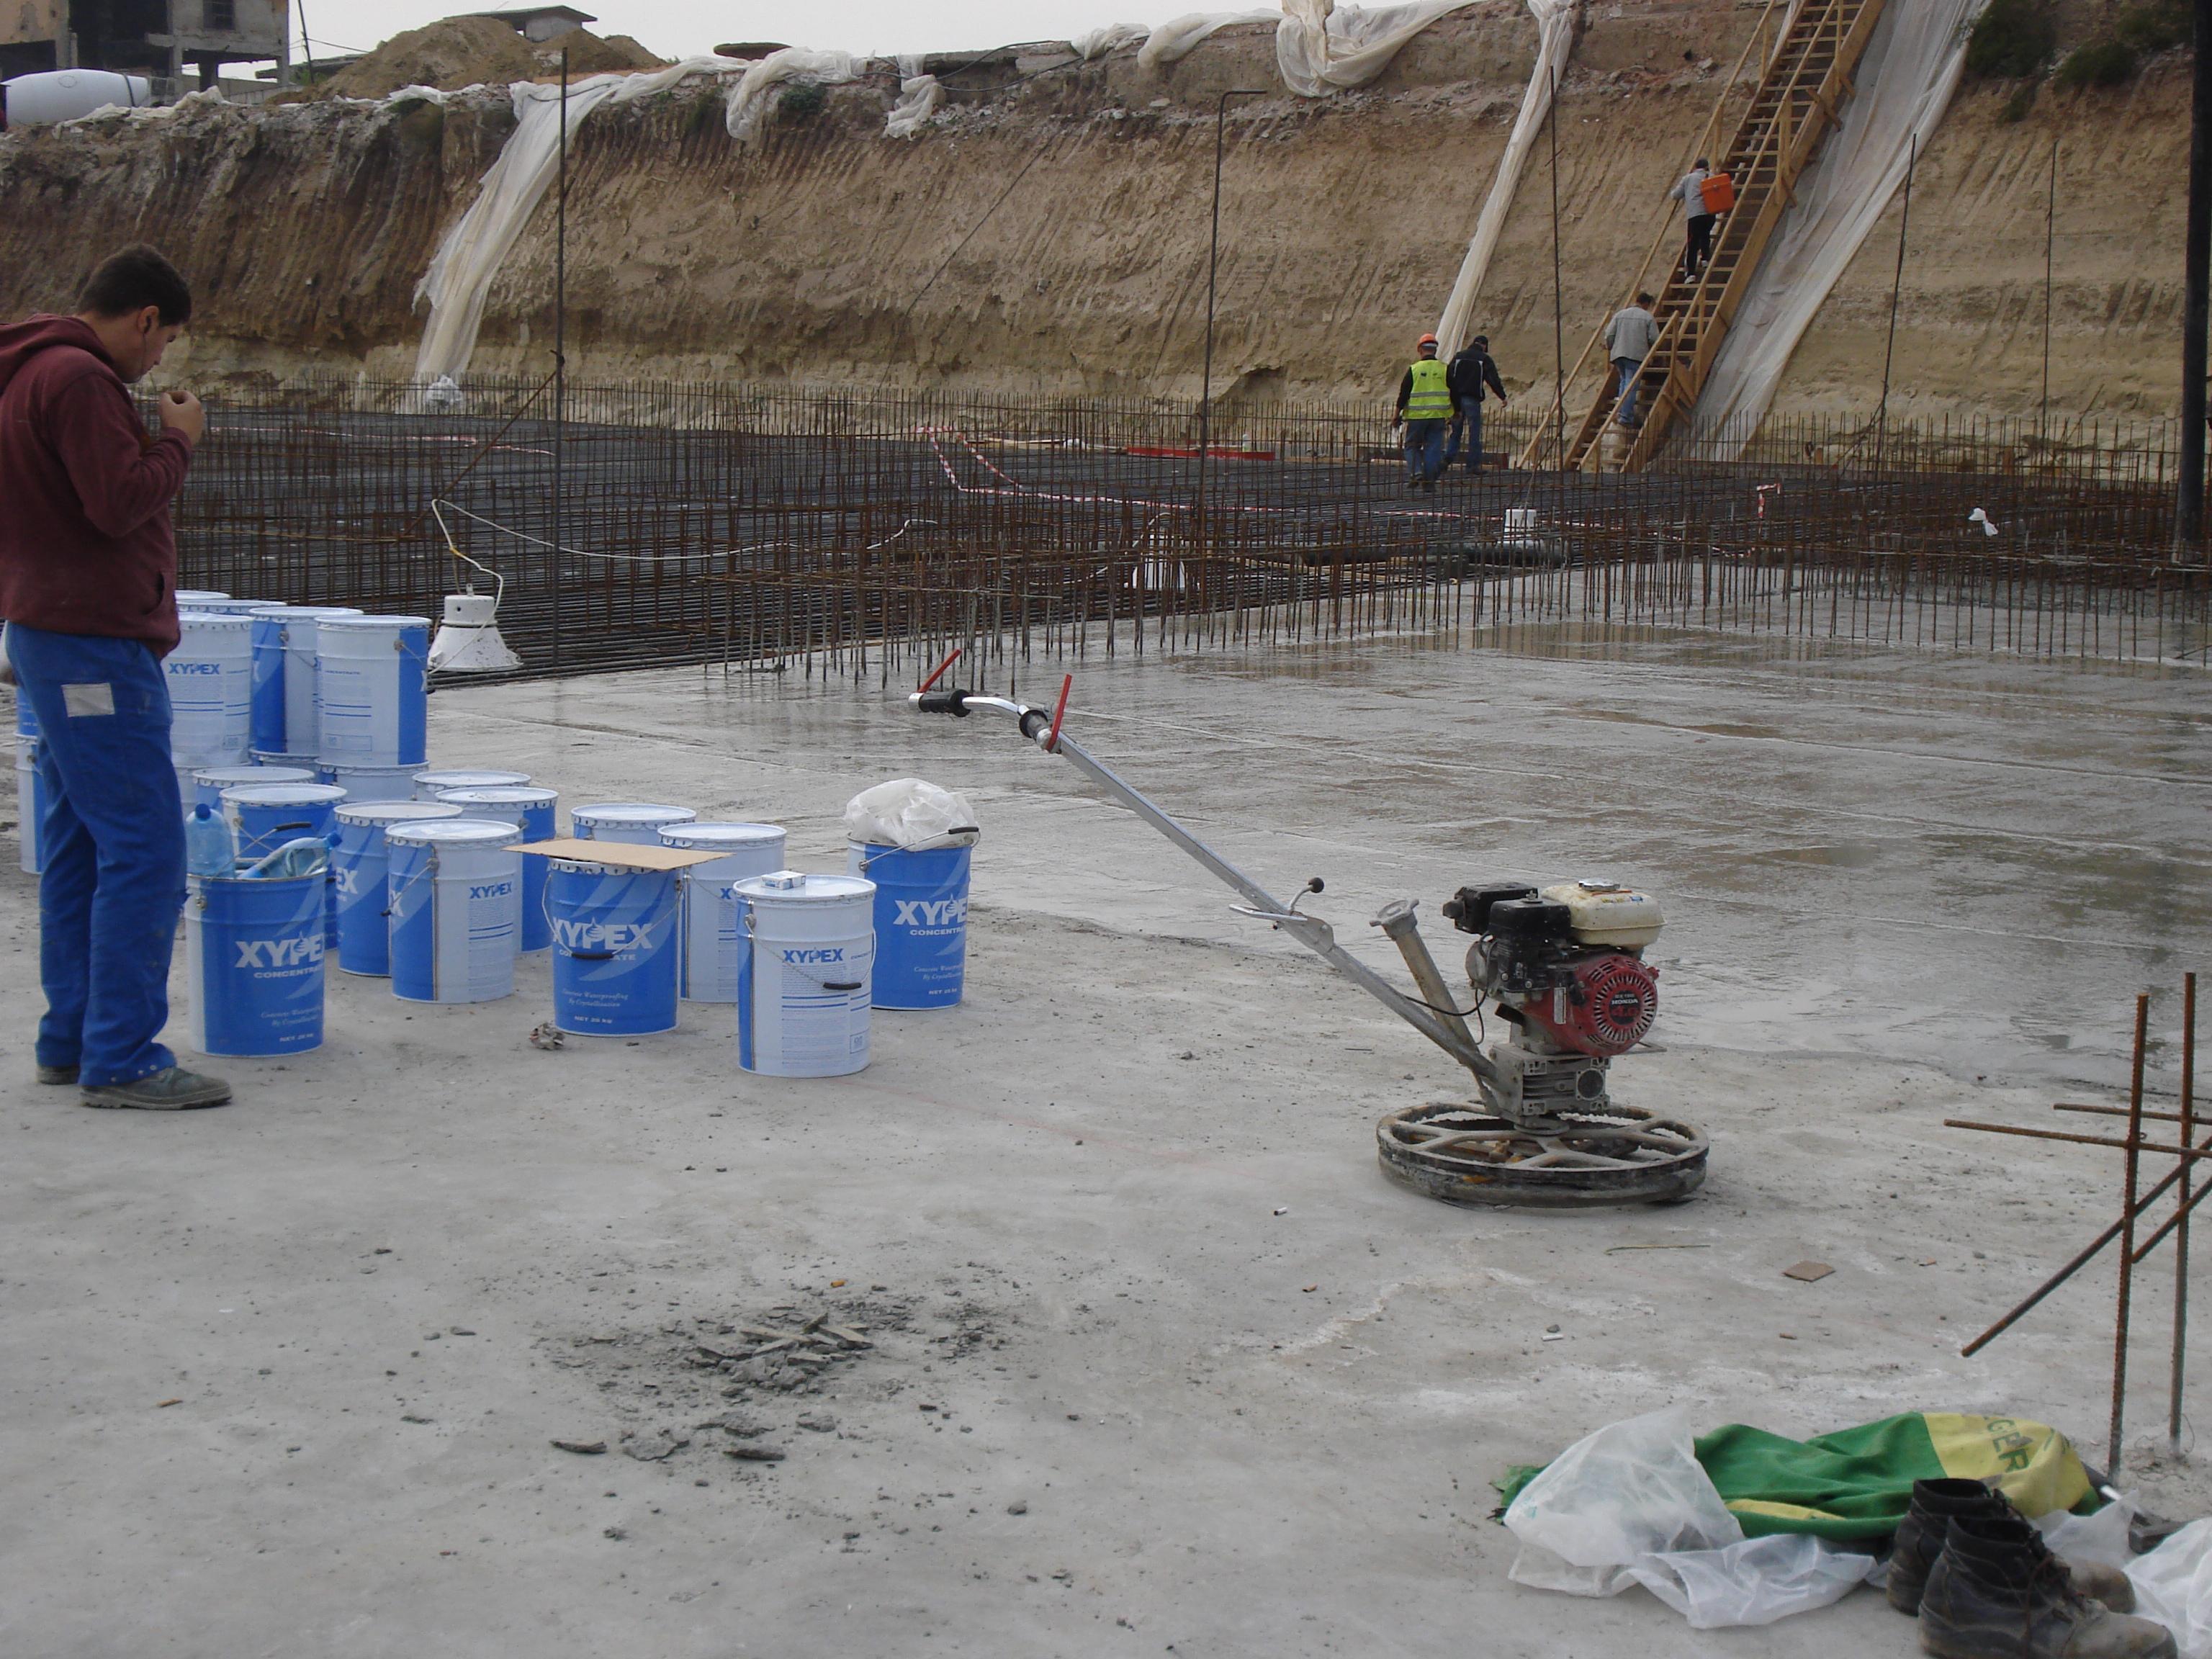 Lucrari Xypex - produse pentru impermeabilizarea si protectia betonului prin cristalizare  XYPEX - Poza 7